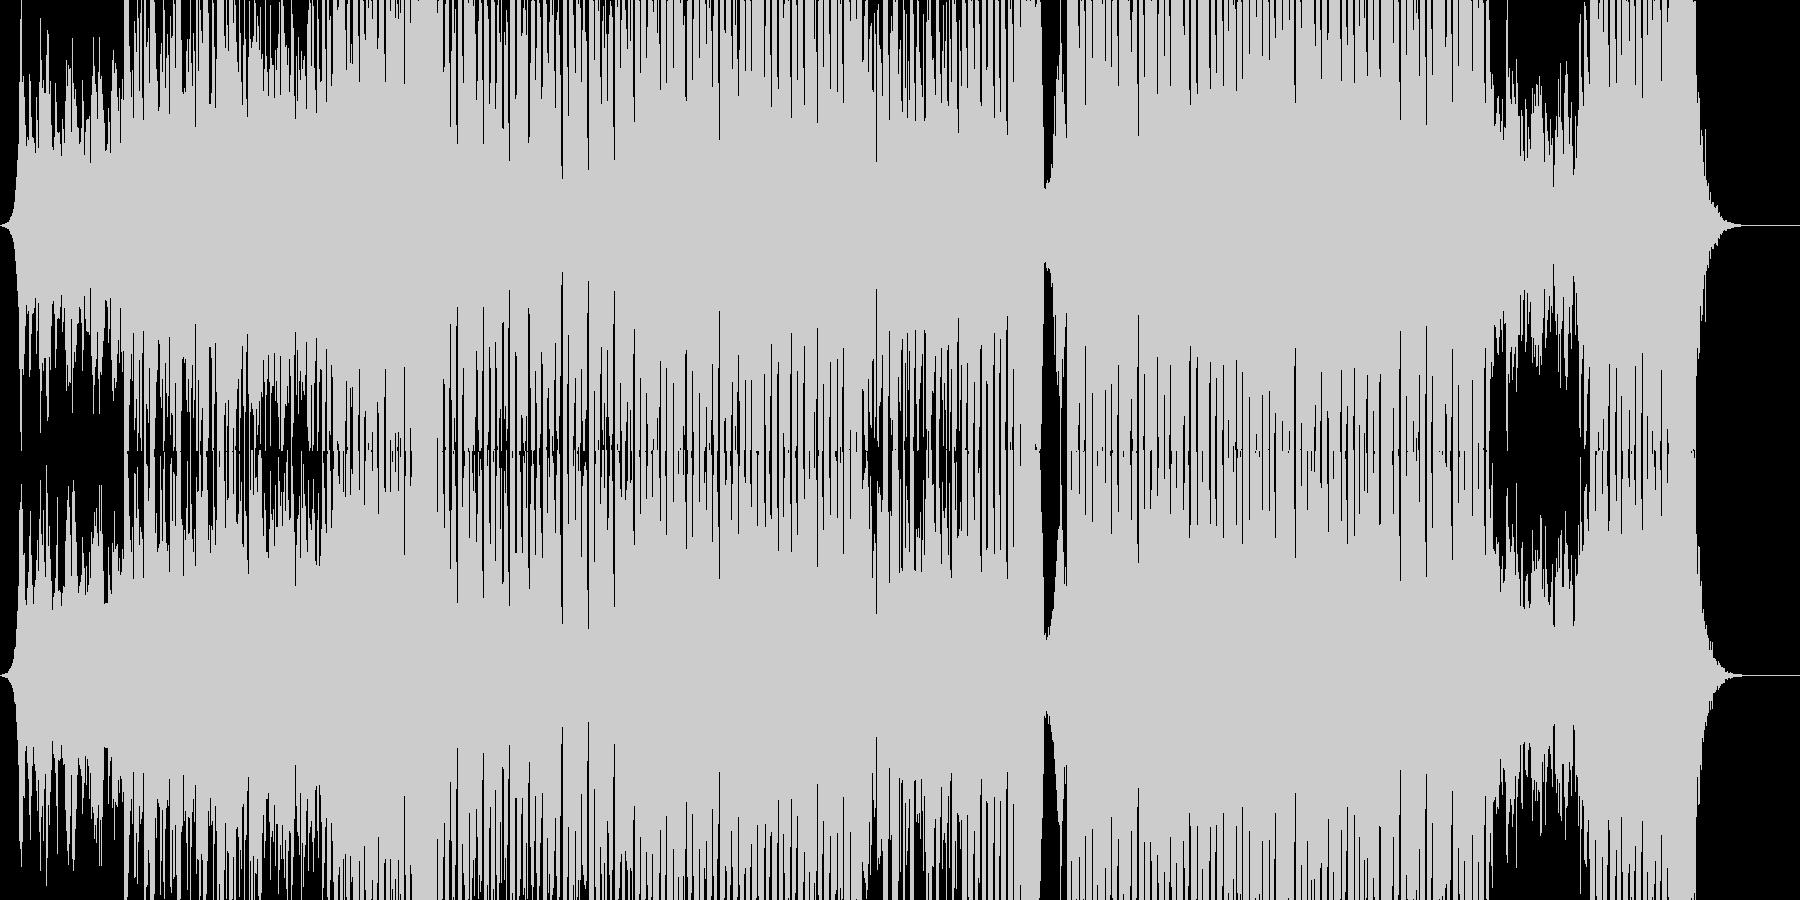 キラキラKpop系のトラック/四つ打ちの未再生の波形